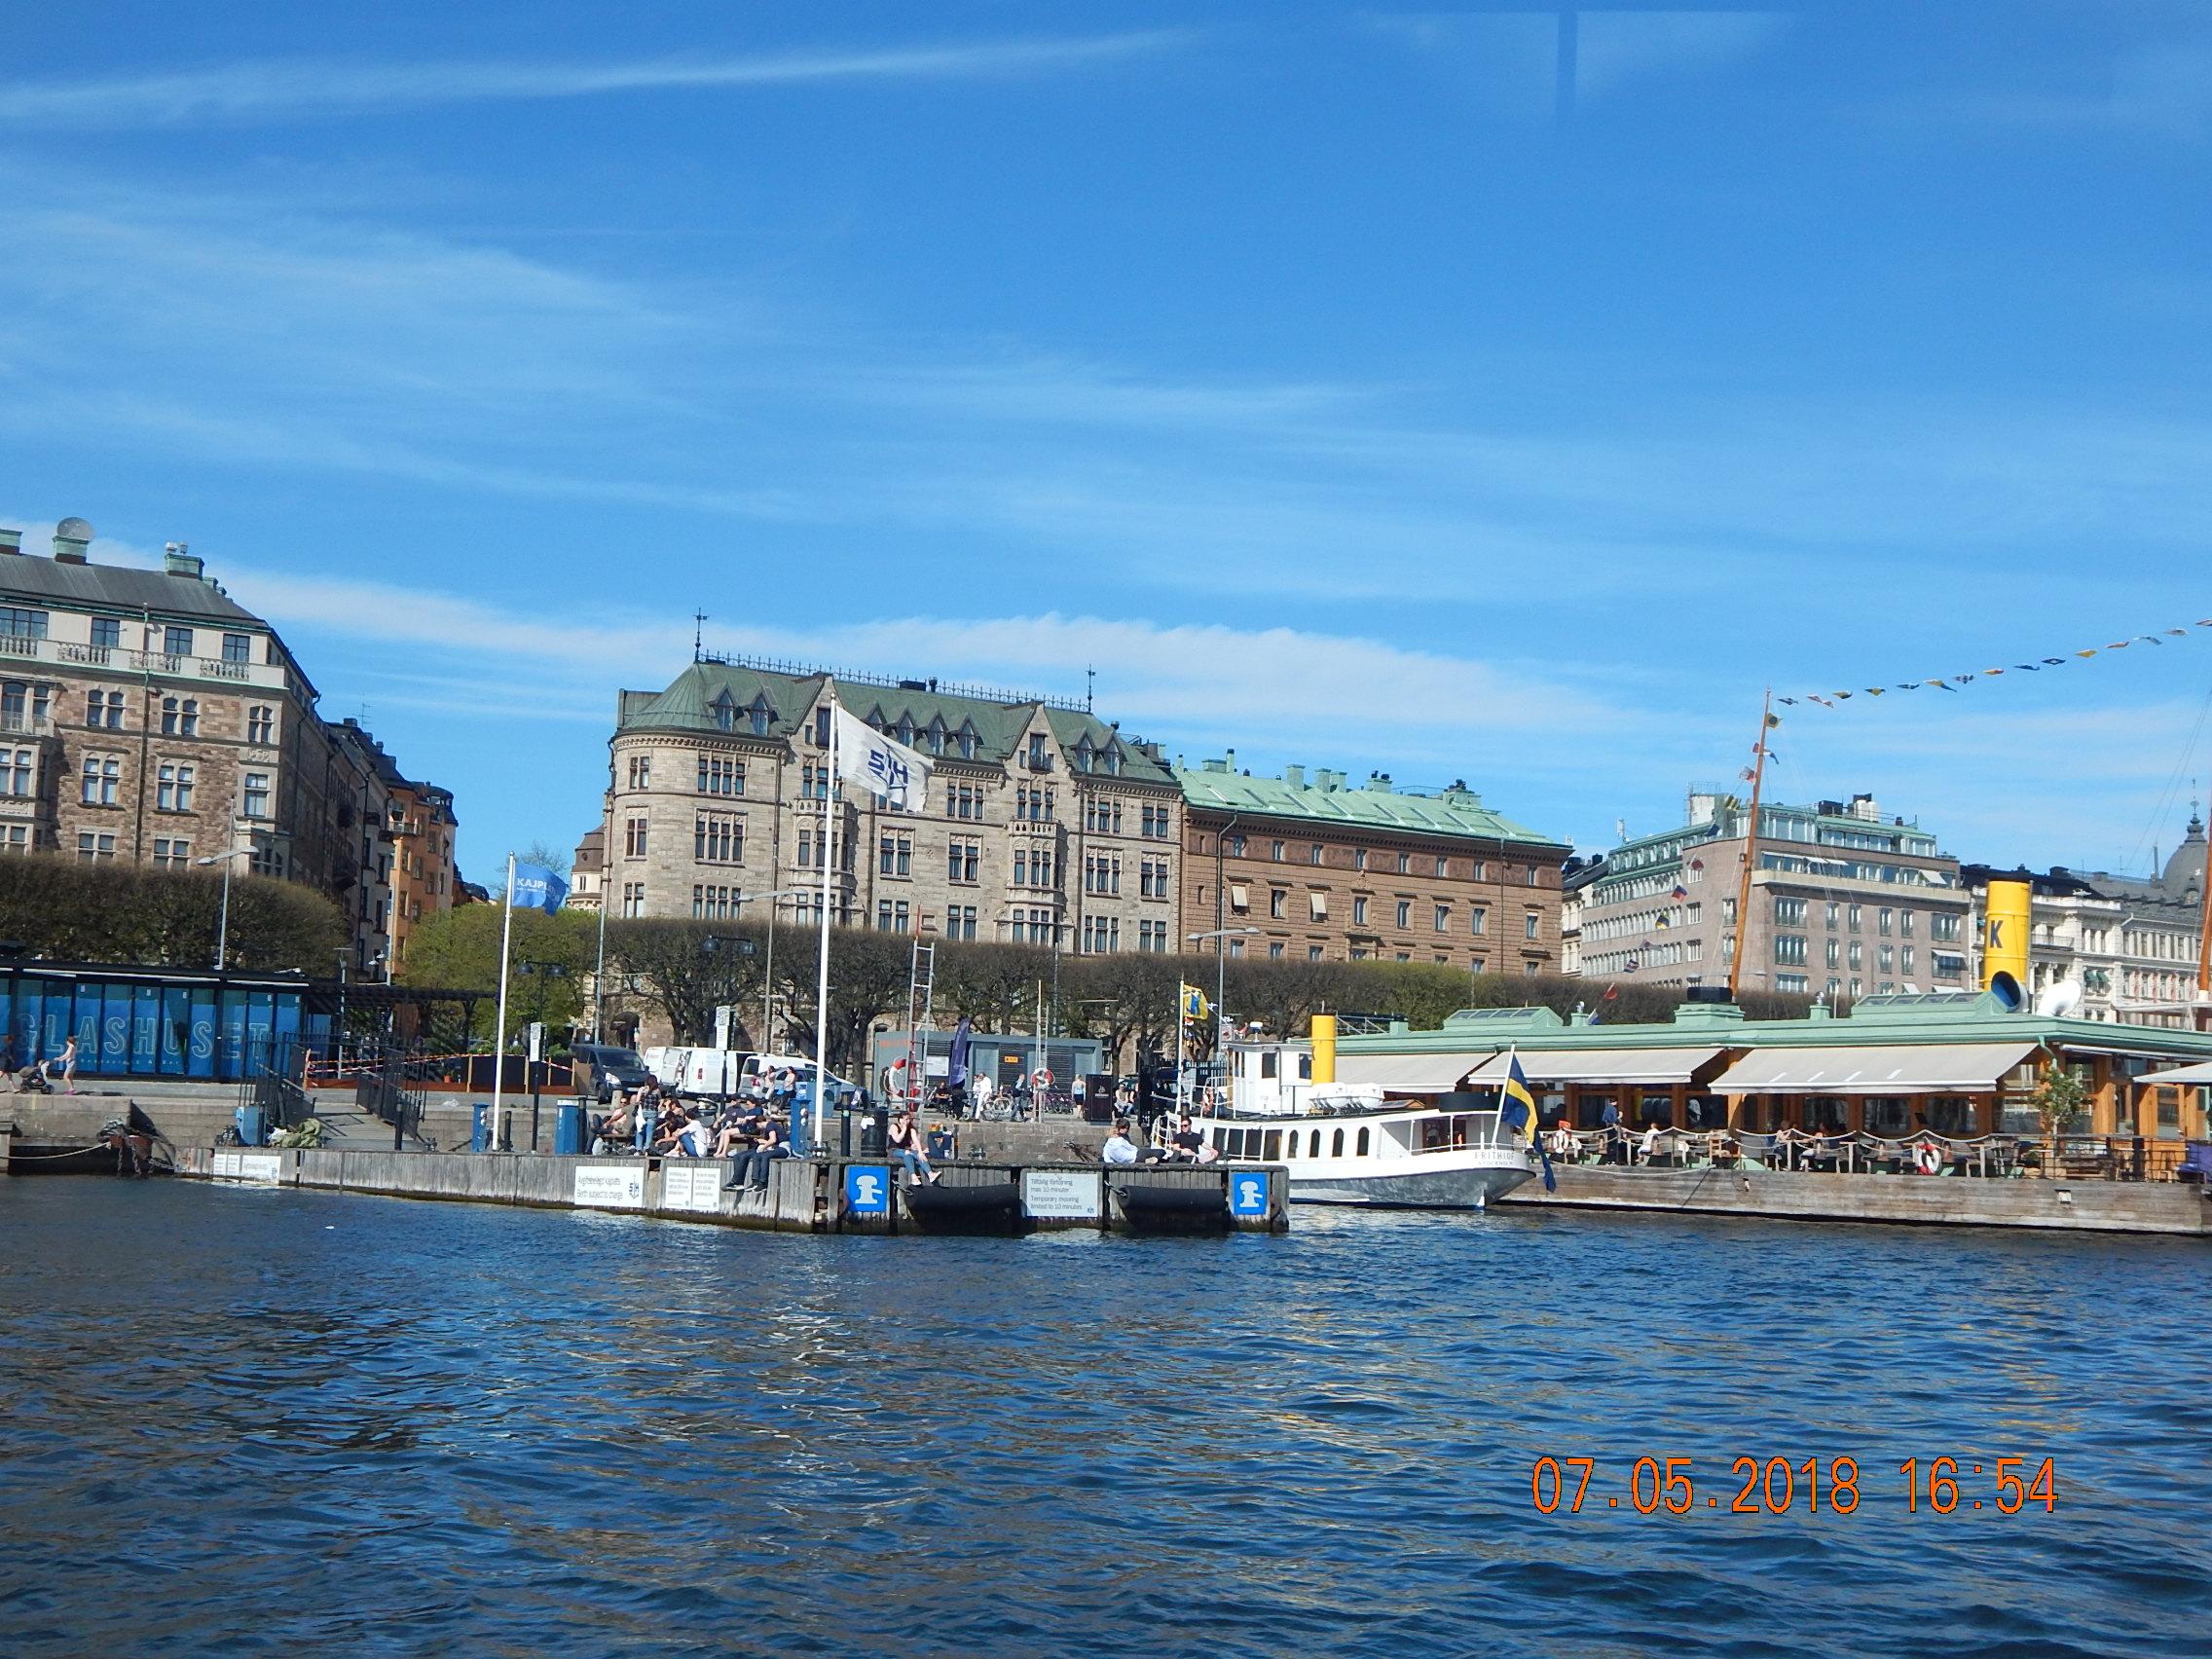 Романтическое путешествие в Скандинавию. - Страница 2 Dscn4619